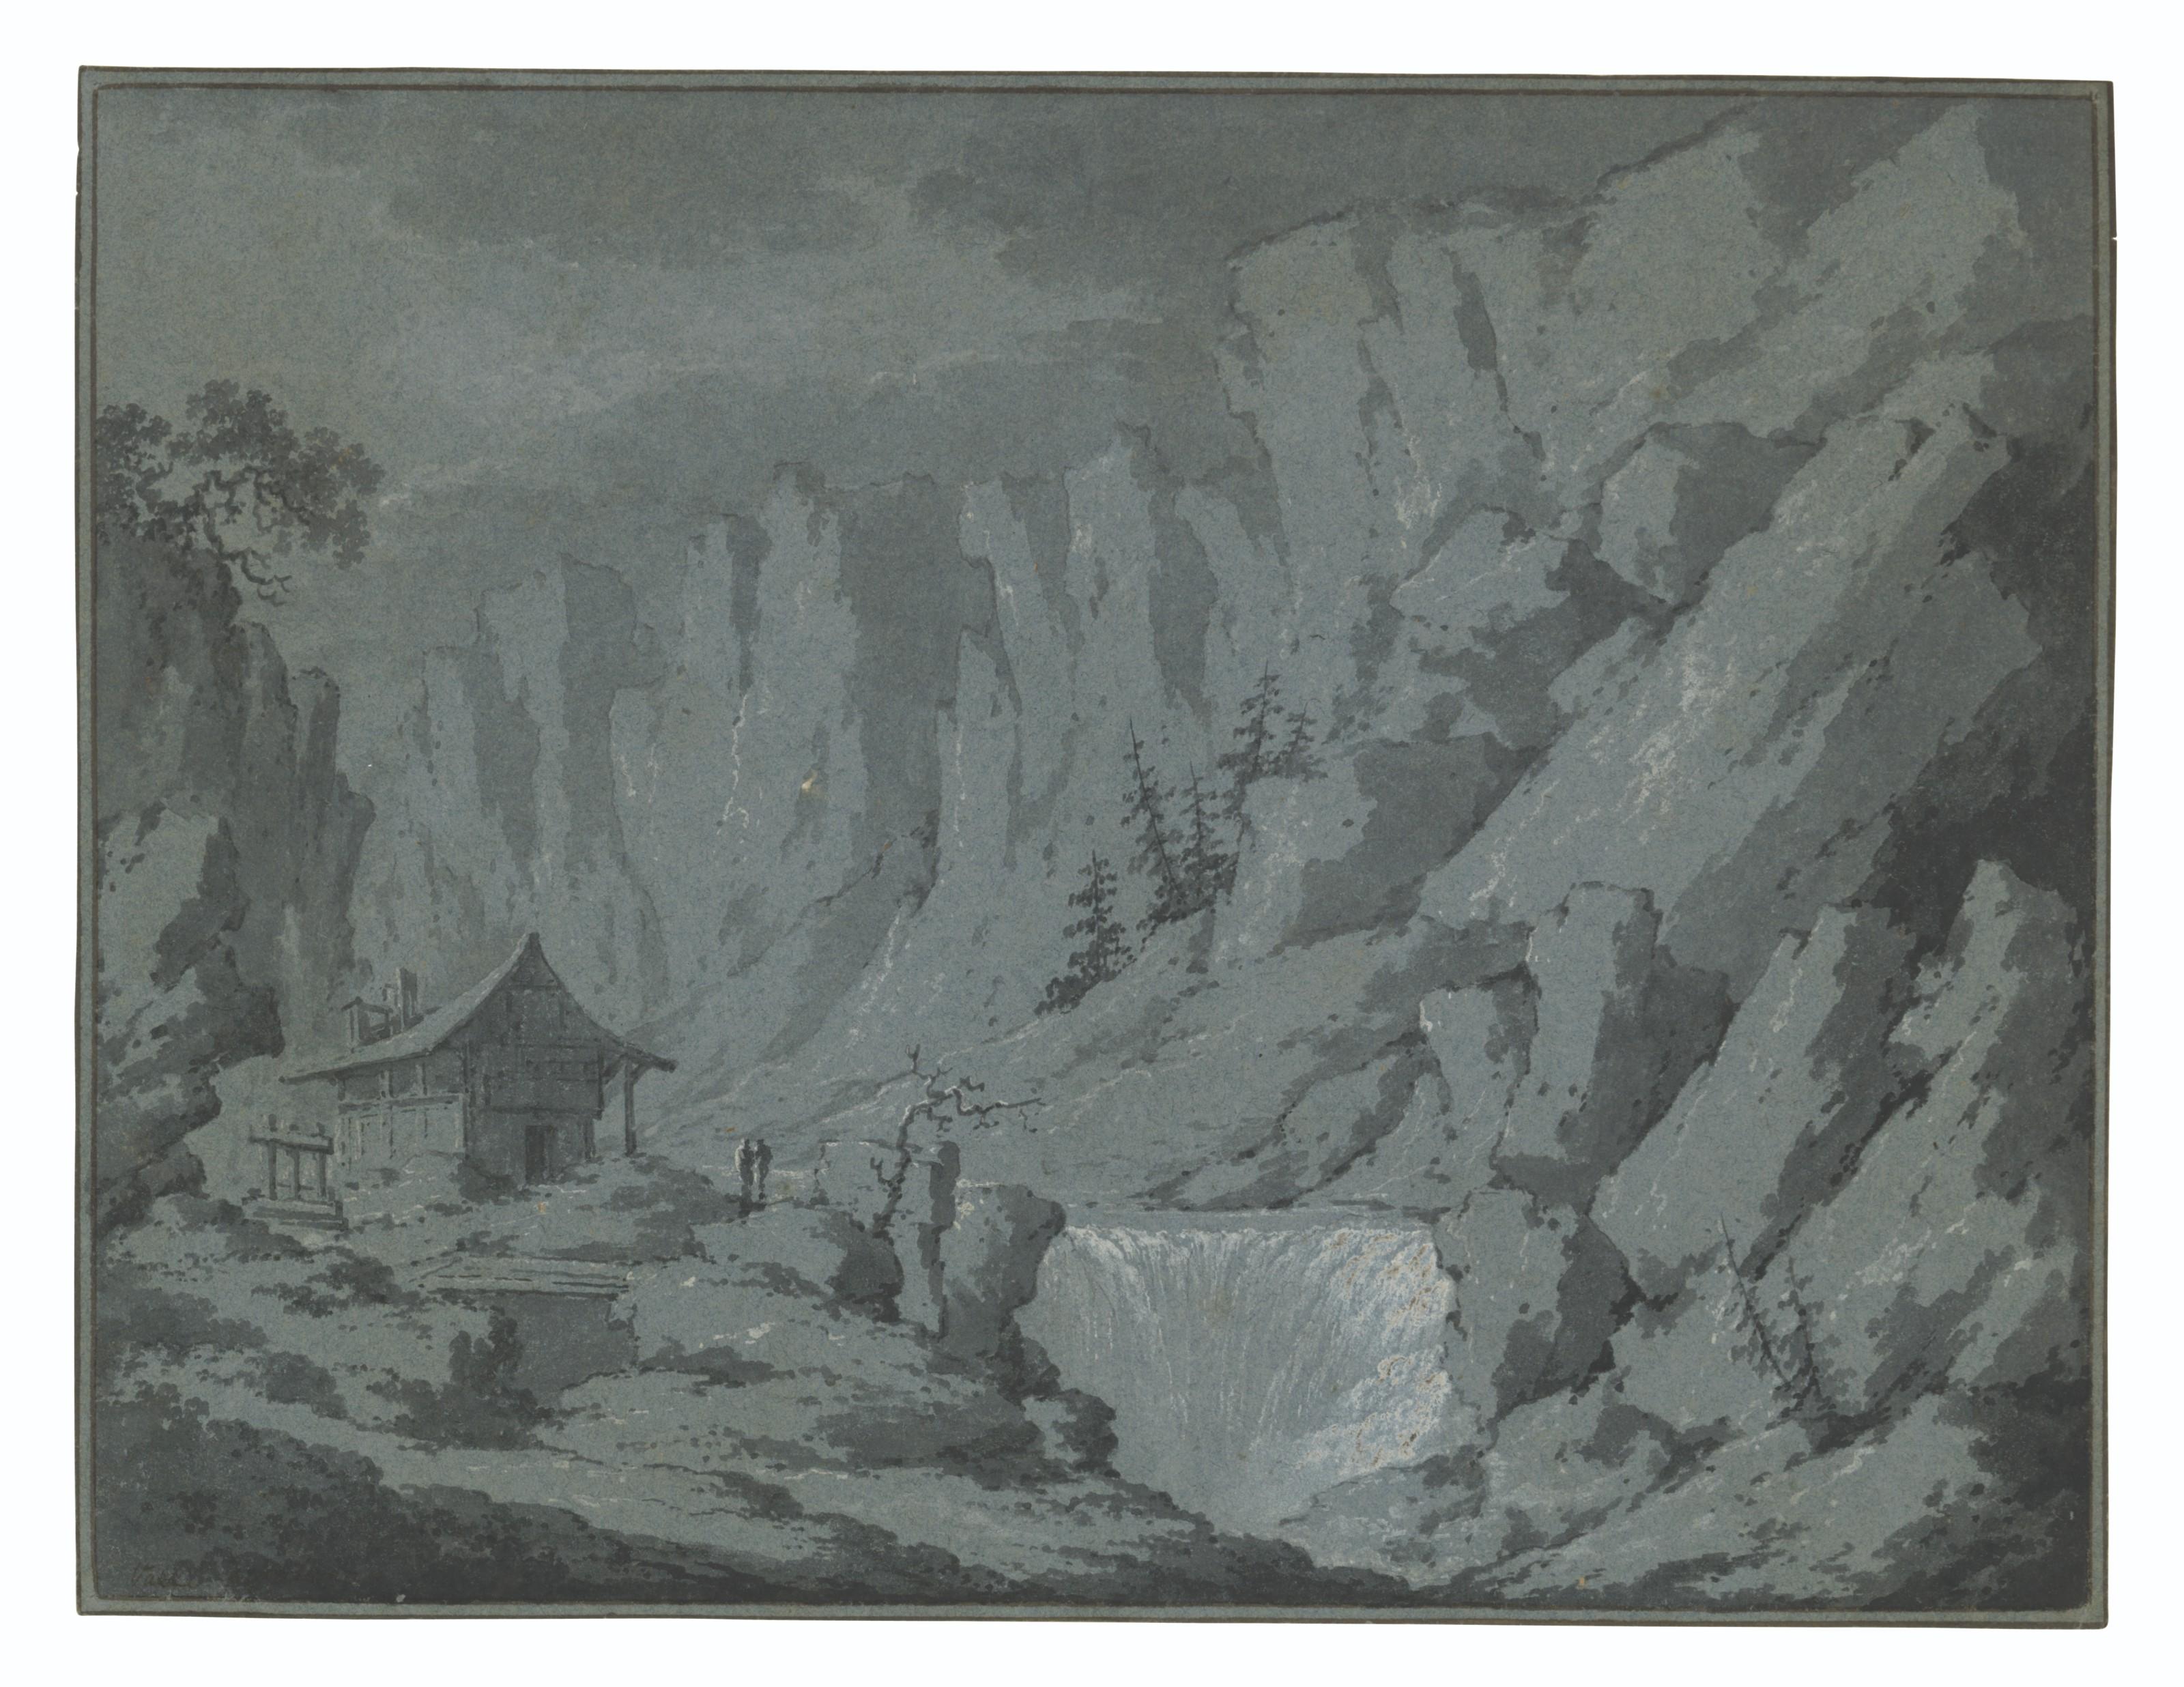 CLAUDE-LOUIS CHÂTELET (PARIS 1753-1795)